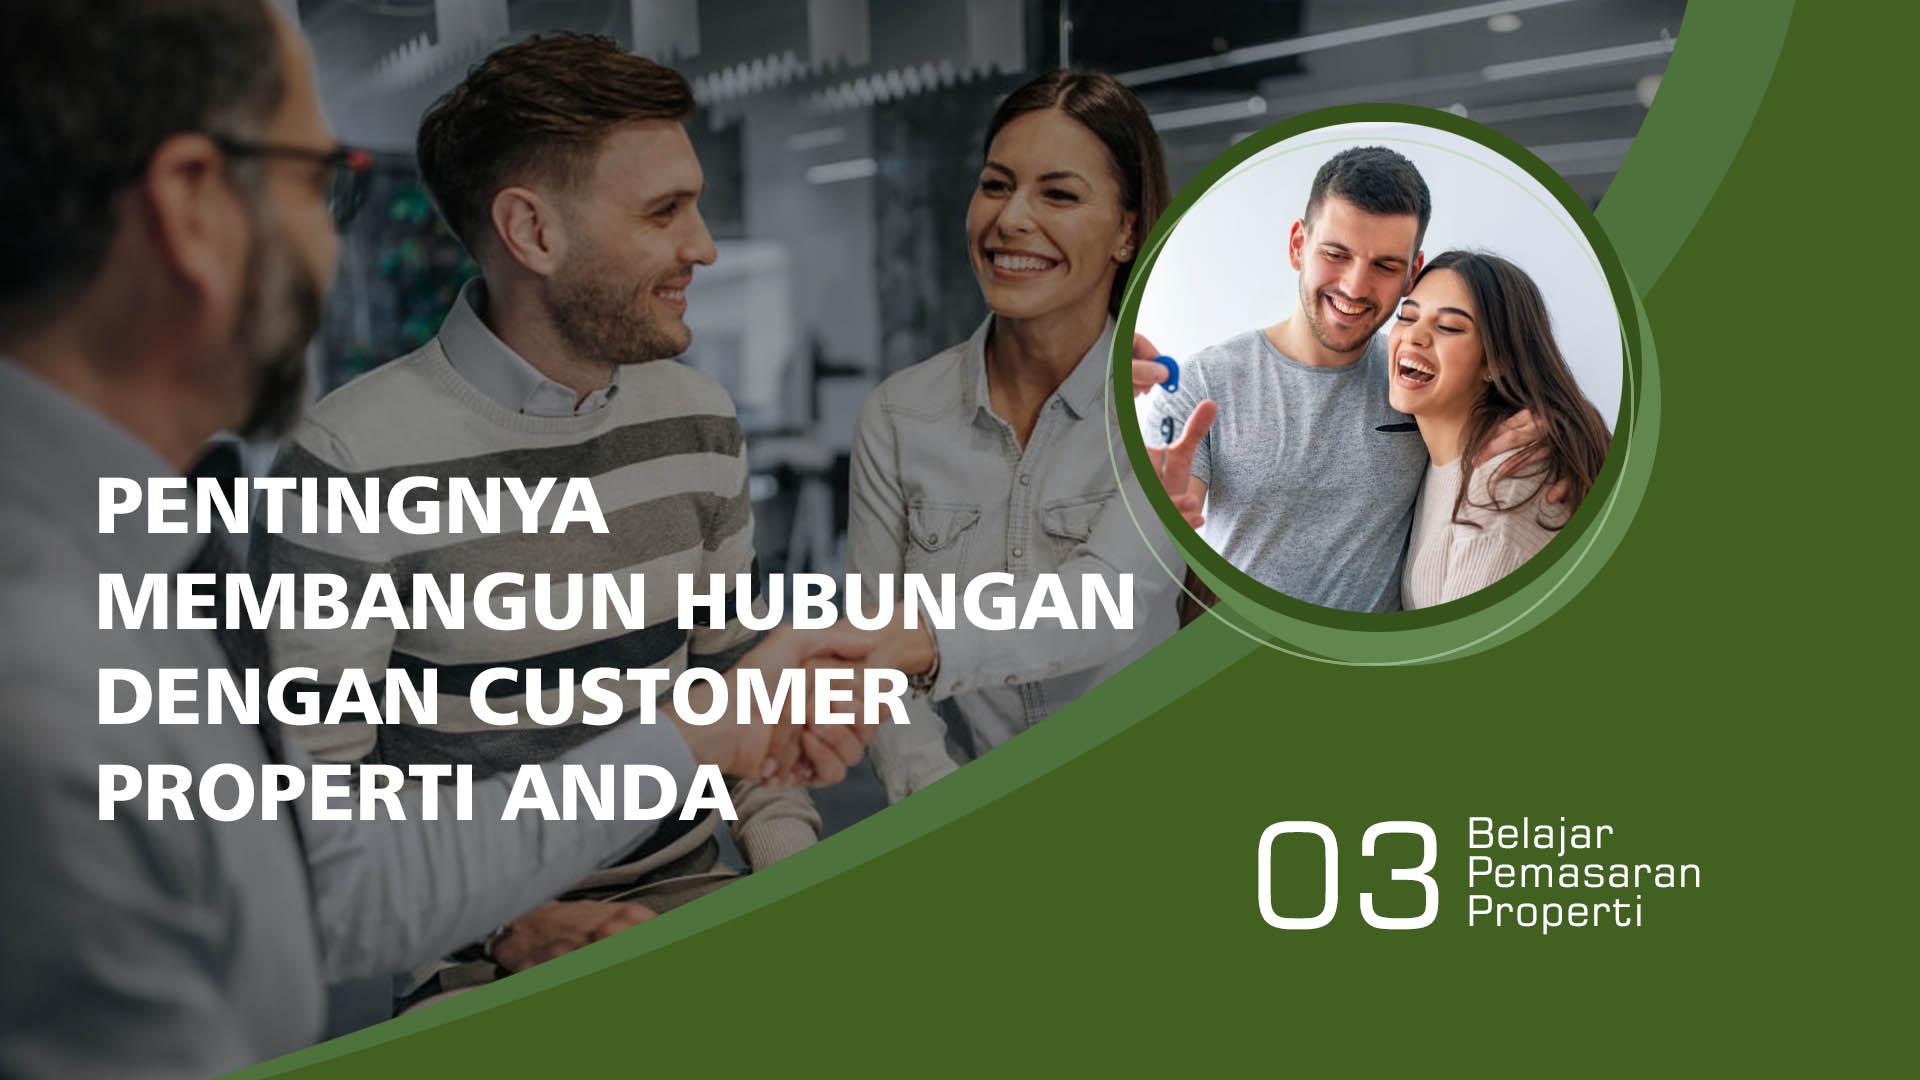 Pentingnya Membangun Hubungan Dengan Customer Properti – 03